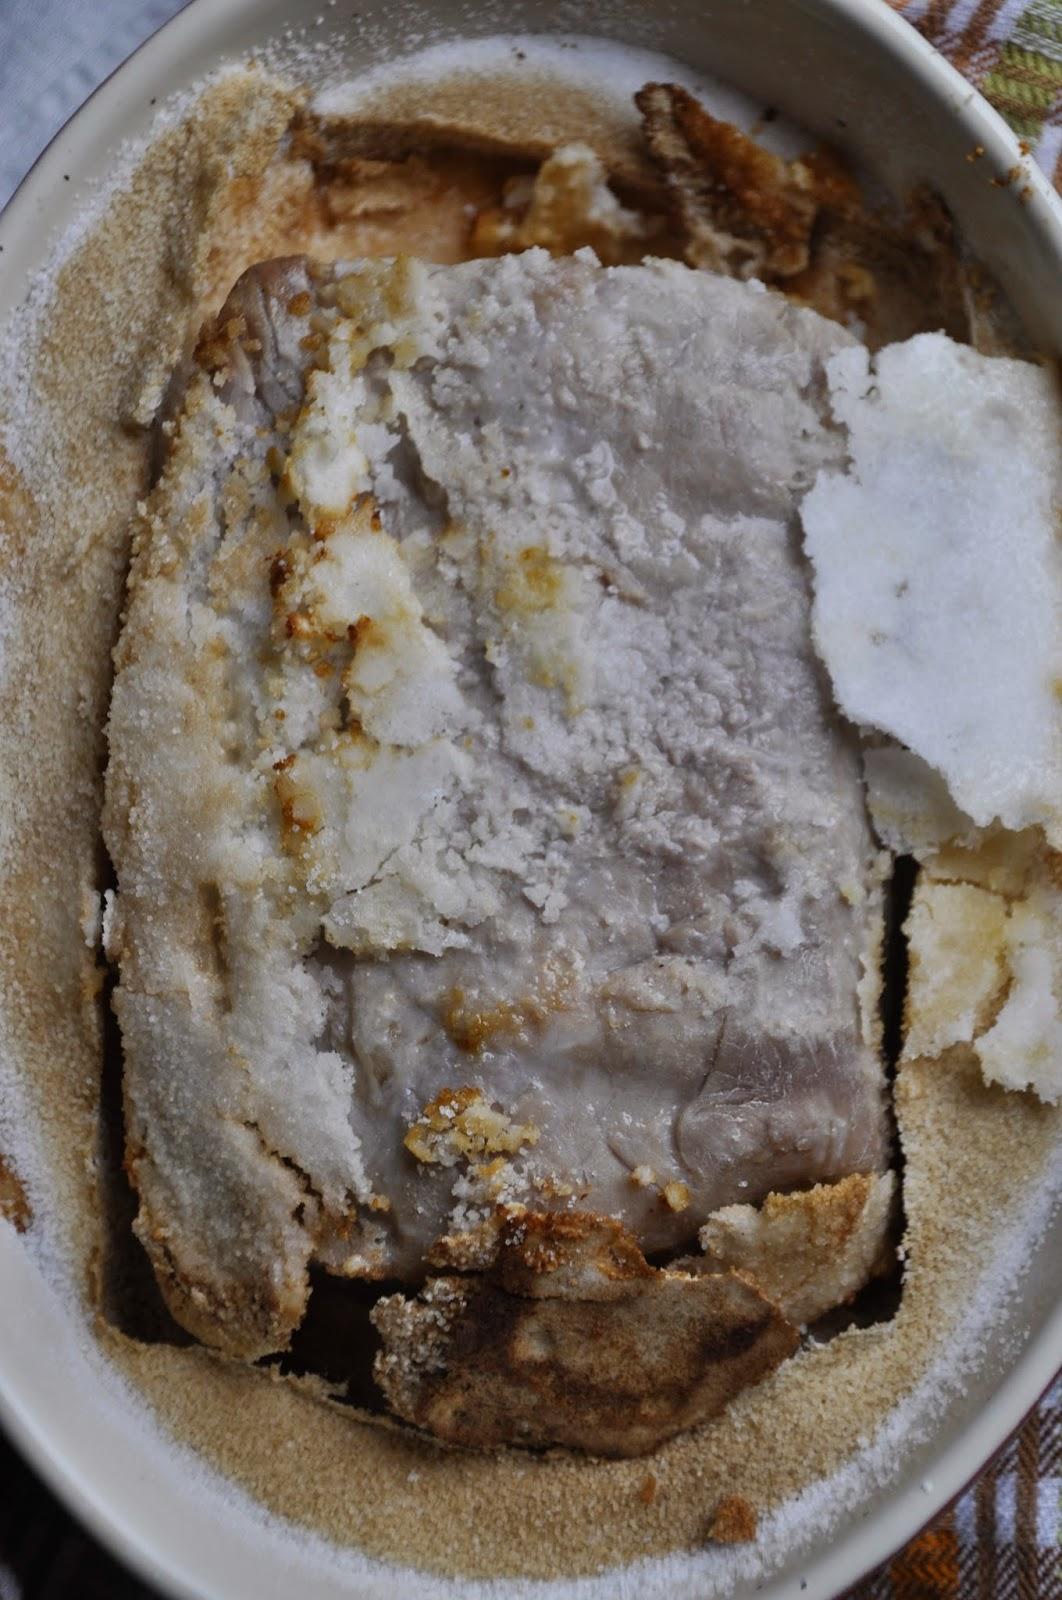 Szybko Tanio Smacznie - Schab pieczony w soli